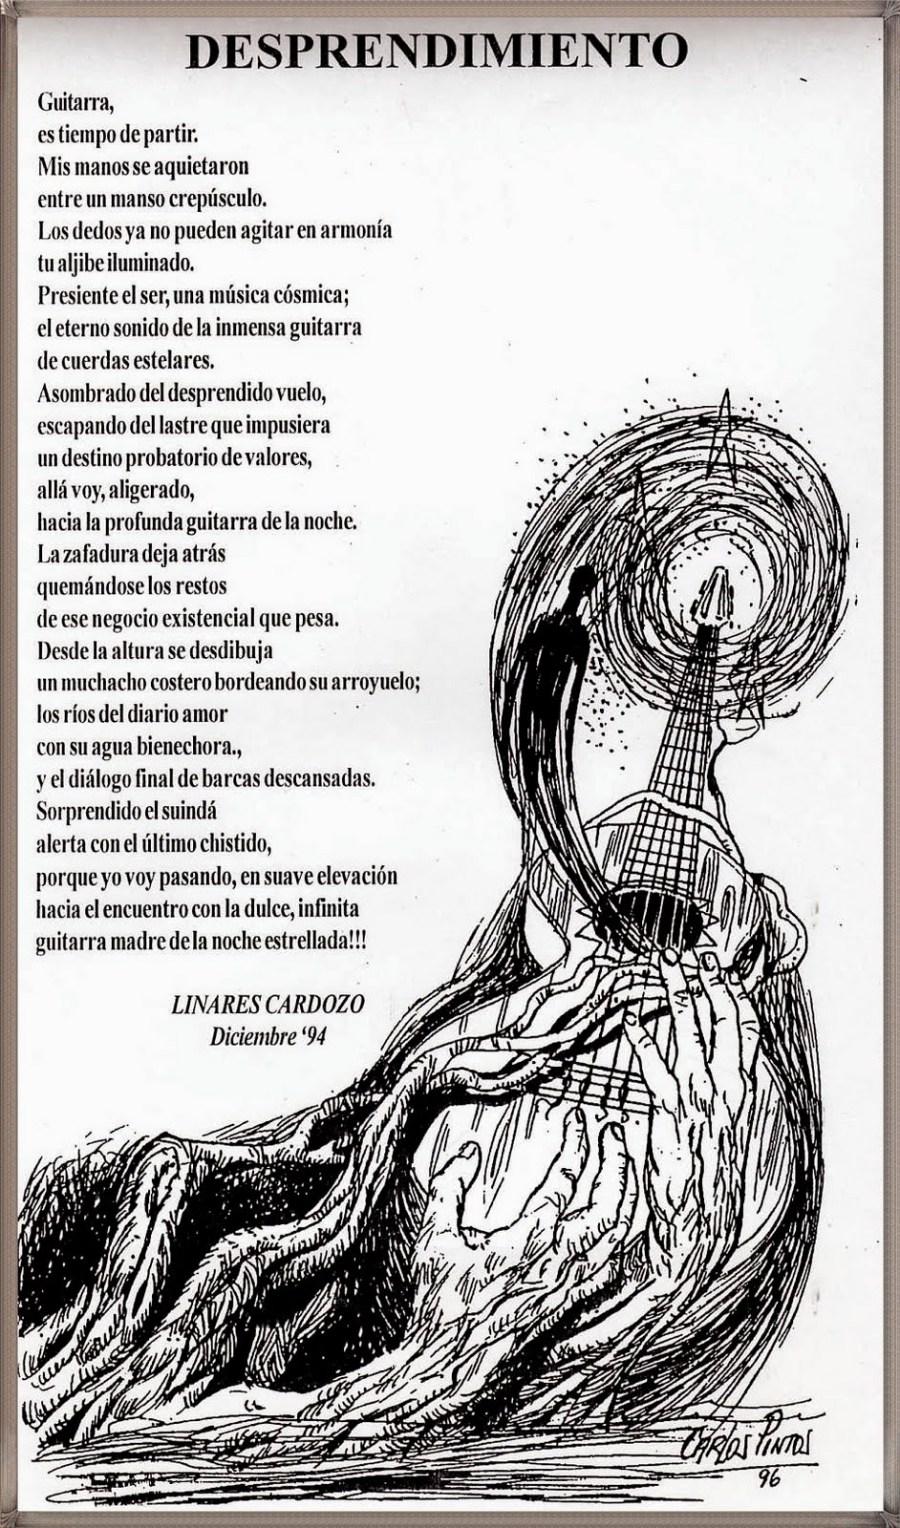 Desprendimiento Linares Cardozo